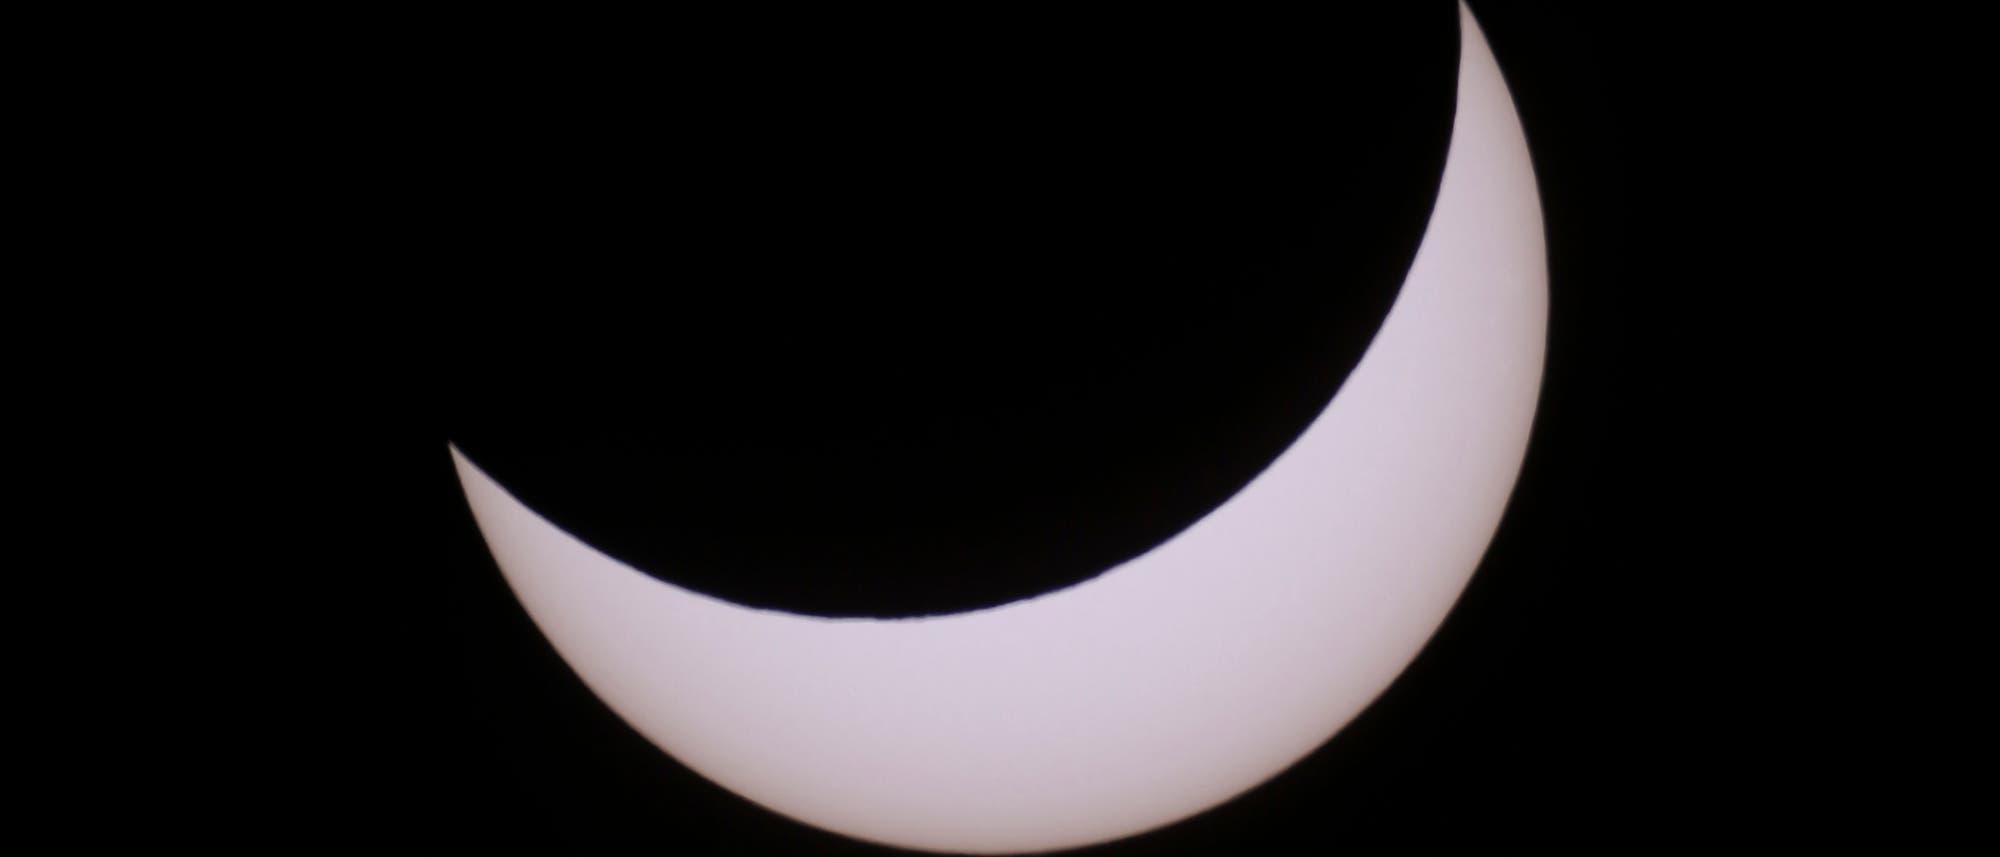 Die partielle Sonnenfinsternis vom 20. März 2015